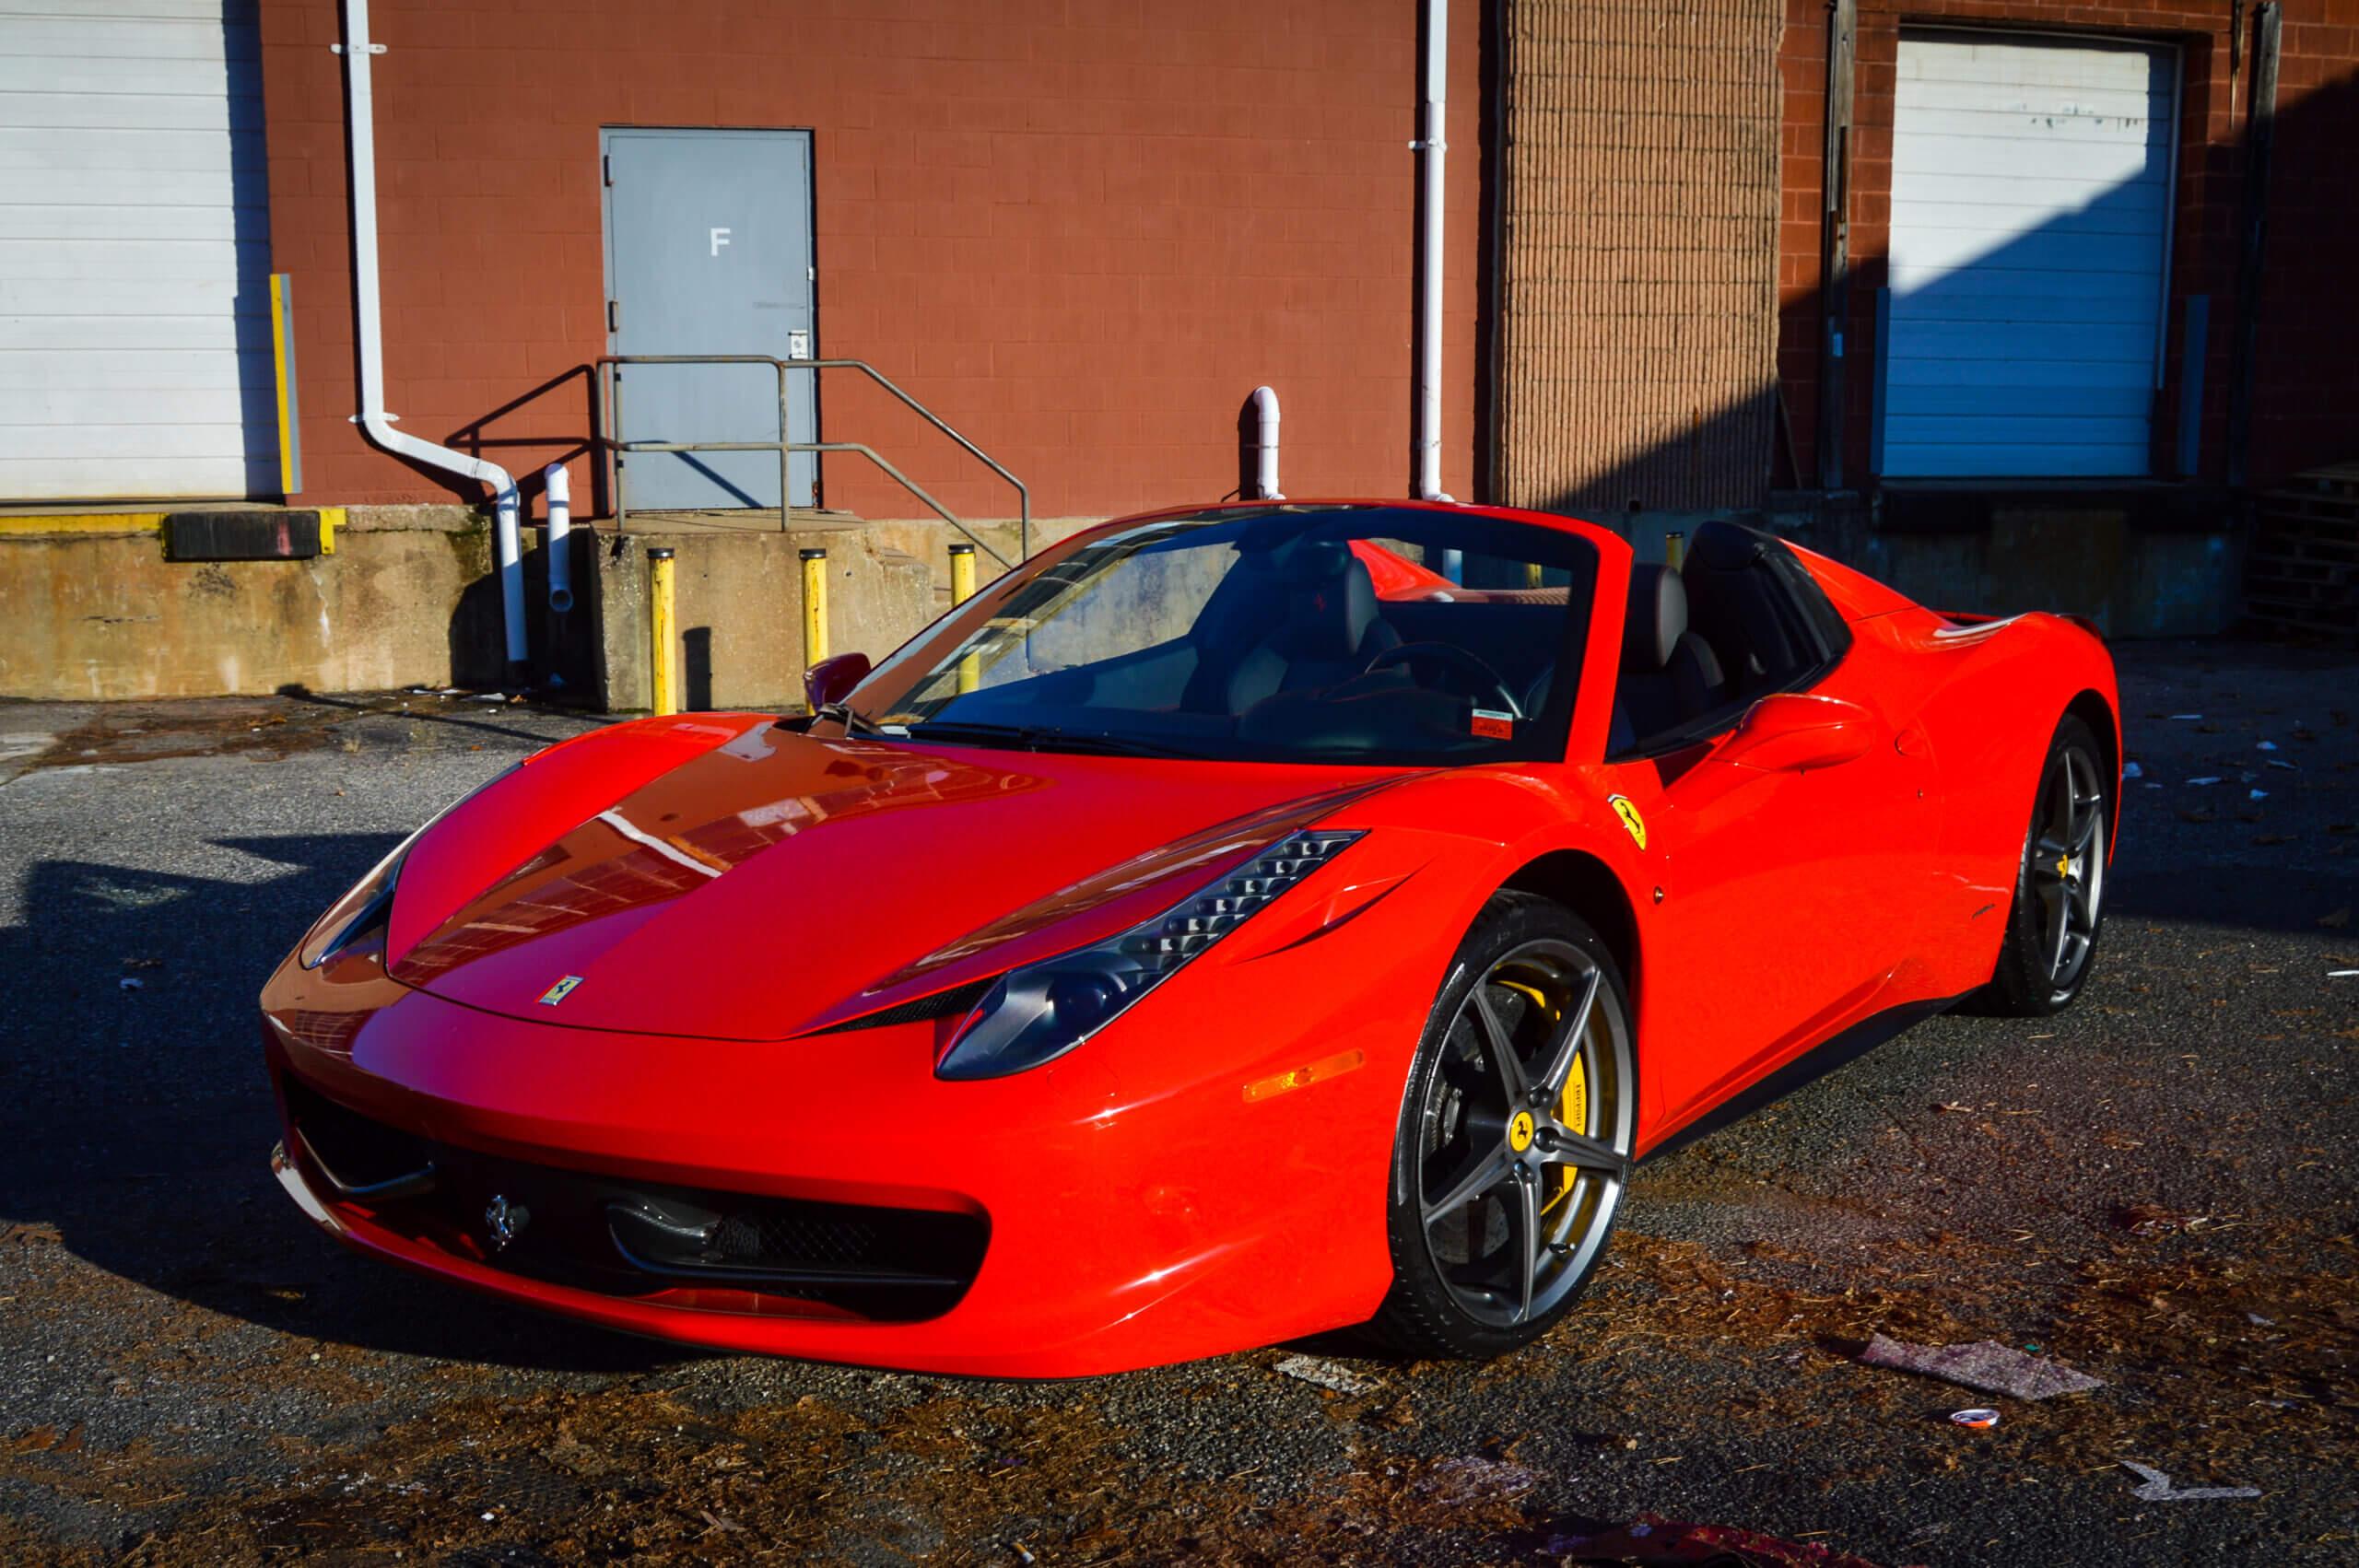 Ferrari 458 Spider | Hourly, Daily & Monthly Rentals ...  Ferrari 458 Spider Red